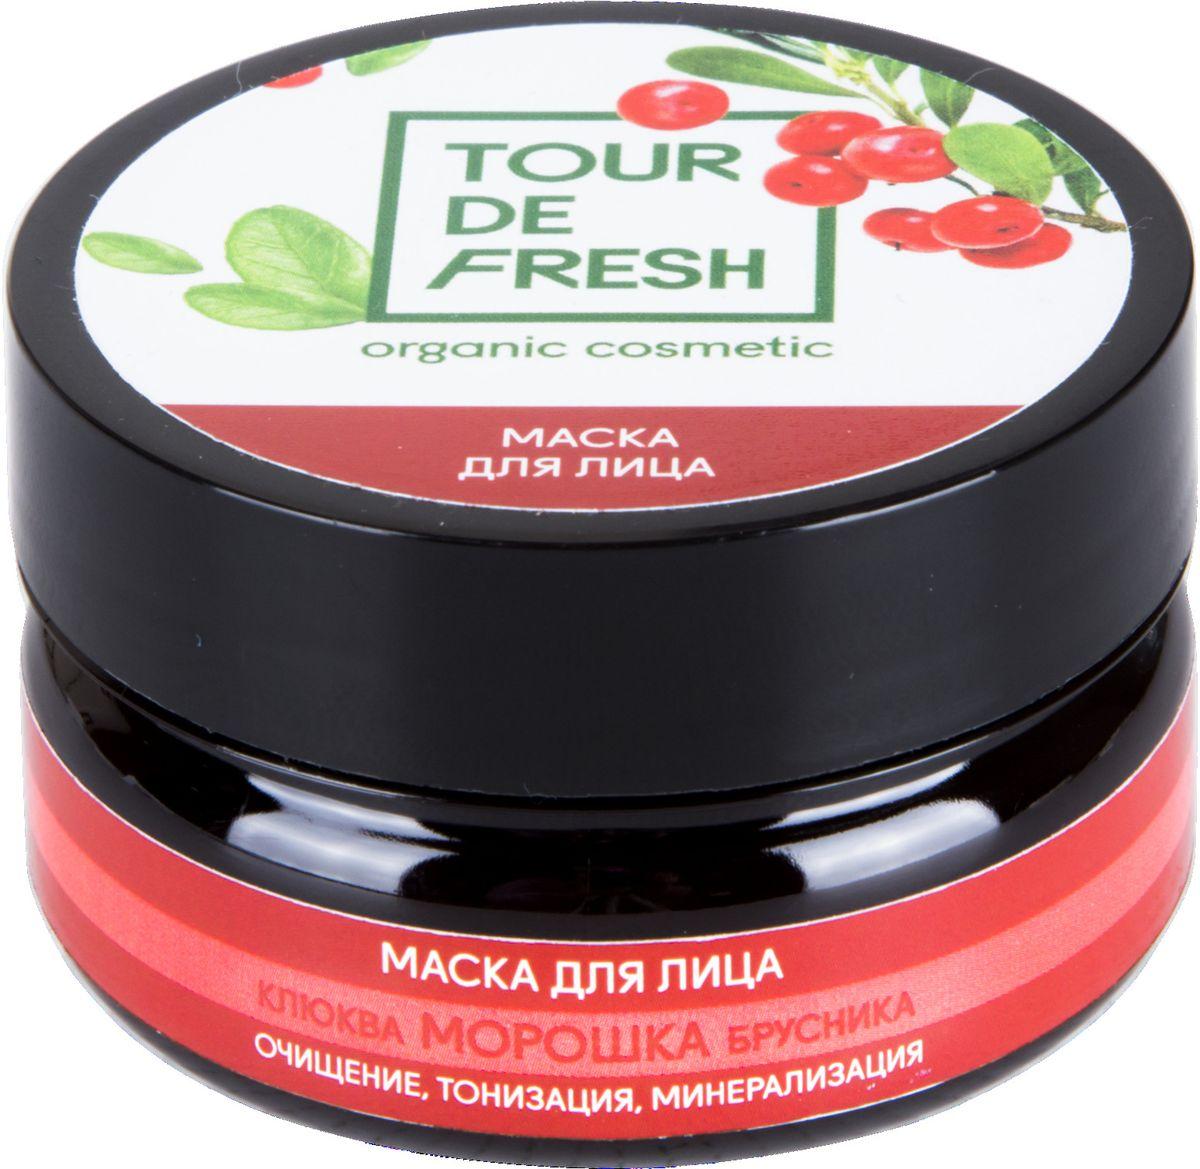 Tour De Fresh Маска для лица Клюква, морошка и брусника, 200 млУФ000000133Экстракт клюквы глубоко питает кожу, создает защитный барьер, задерживая влагу. Морошка повышает эластичность, подтянутость и упругость кожи, уменьшая проявления возрастных изменений. Брусника насыщает кожу полезными минералами, предотвращая преждевременное старение. Витаминная маска Tour De Fresh подойдёт тем, кого беспокоит усталый вид, серый цвет лица, синяки и мешки под глазами, избыточный блеск либо сухость. Если кожа тем или иным образом начинает «капризничать» - ей будут полезны натуральные ягодные составы. Идеальный вариант для офисных работников, вынужденных целый день находиться в кондиционированном помещении без доступа свежего воздуха. Витамин С, биофлавоноиды, антиоксиданты – такой комплекс позволяет увлажнить кожу и придать ей тонус, улучшить микроциркуляцию и обогатить клетки кислородом.